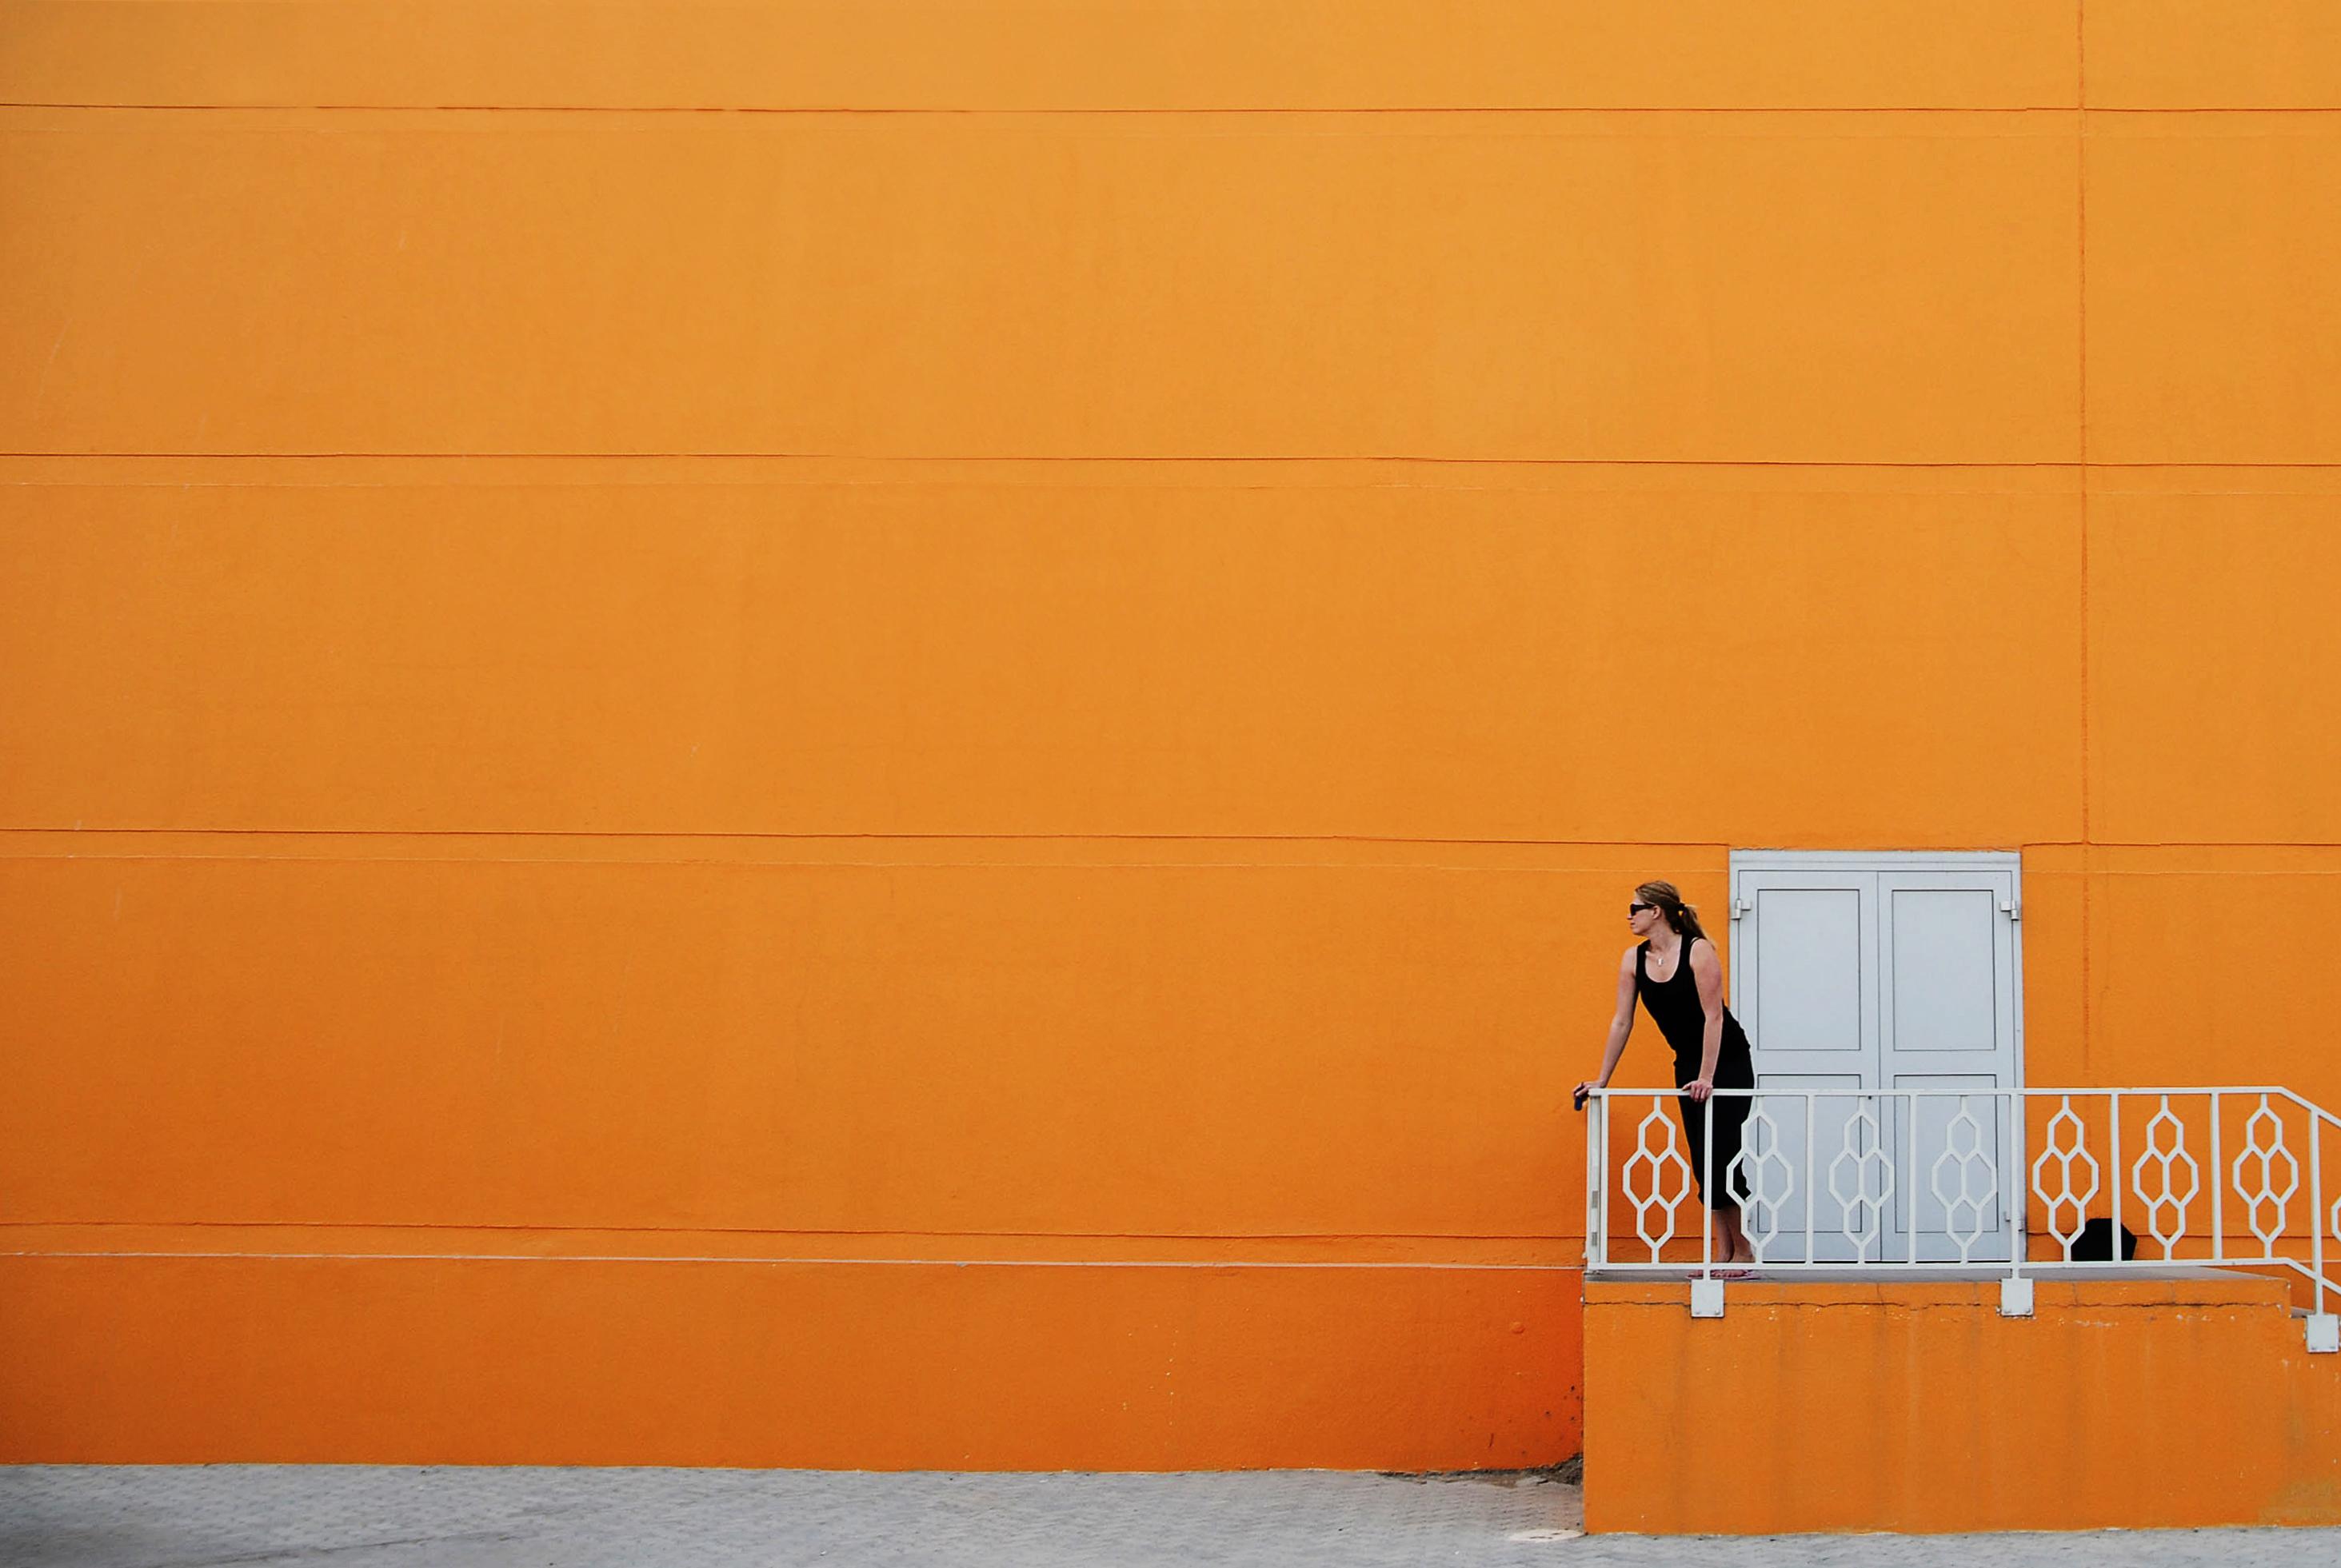 Orange view HD